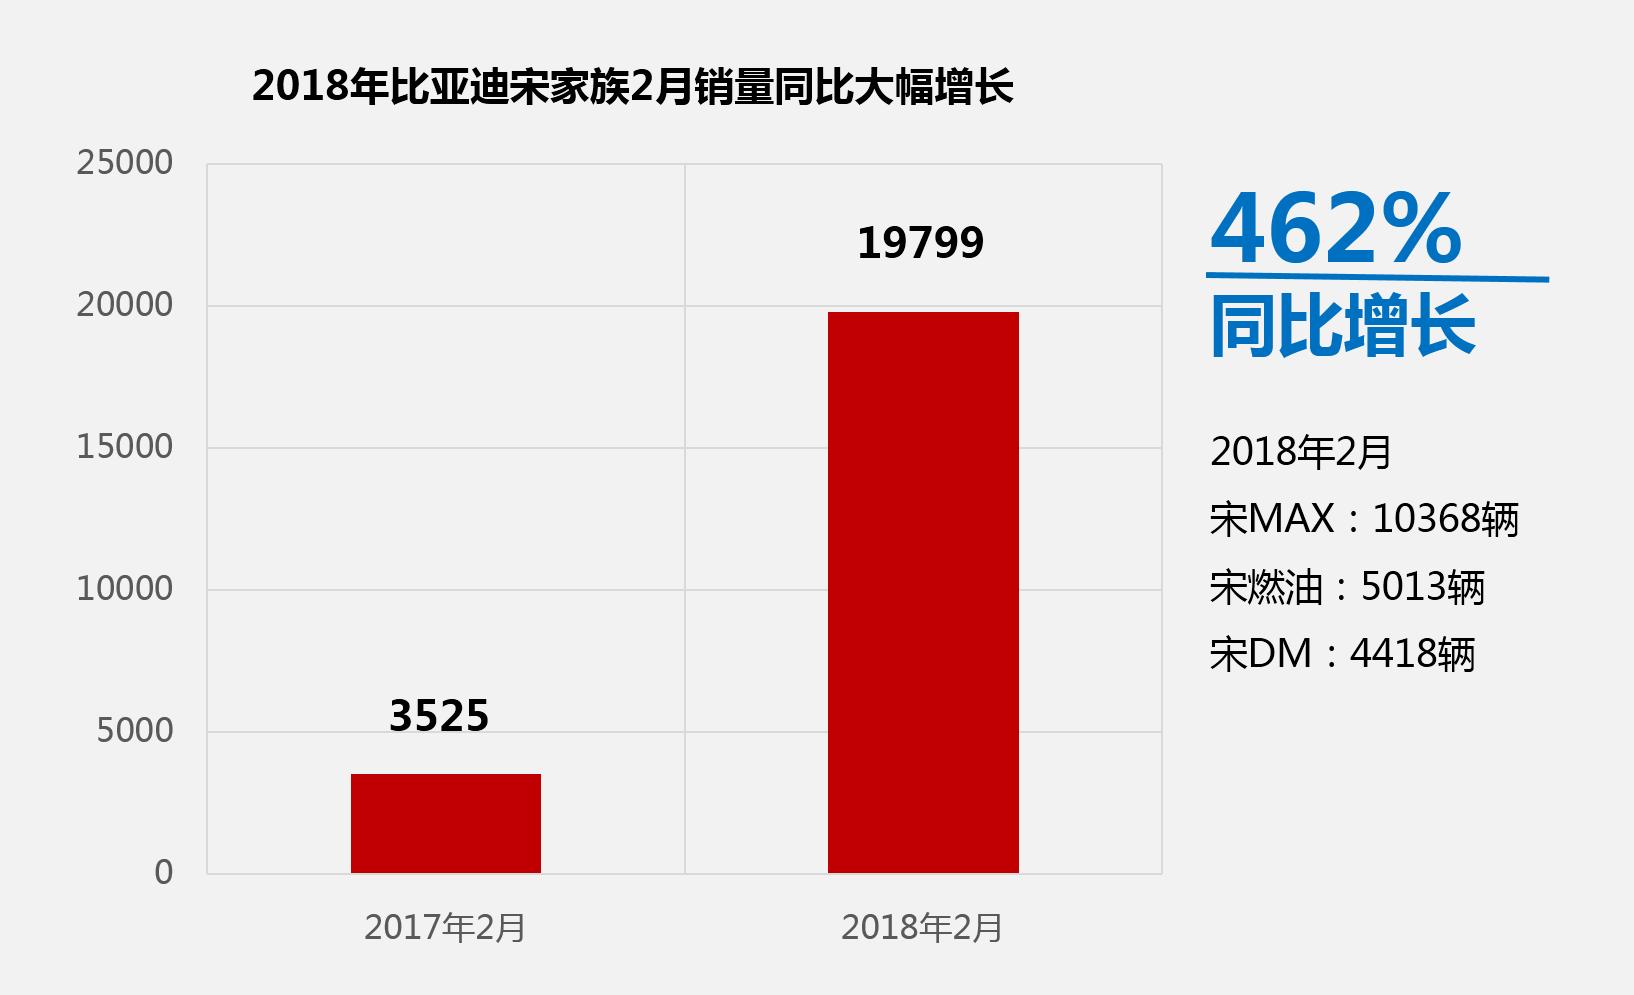 比亚迪宋家族迎开门红 2月同比增长462%